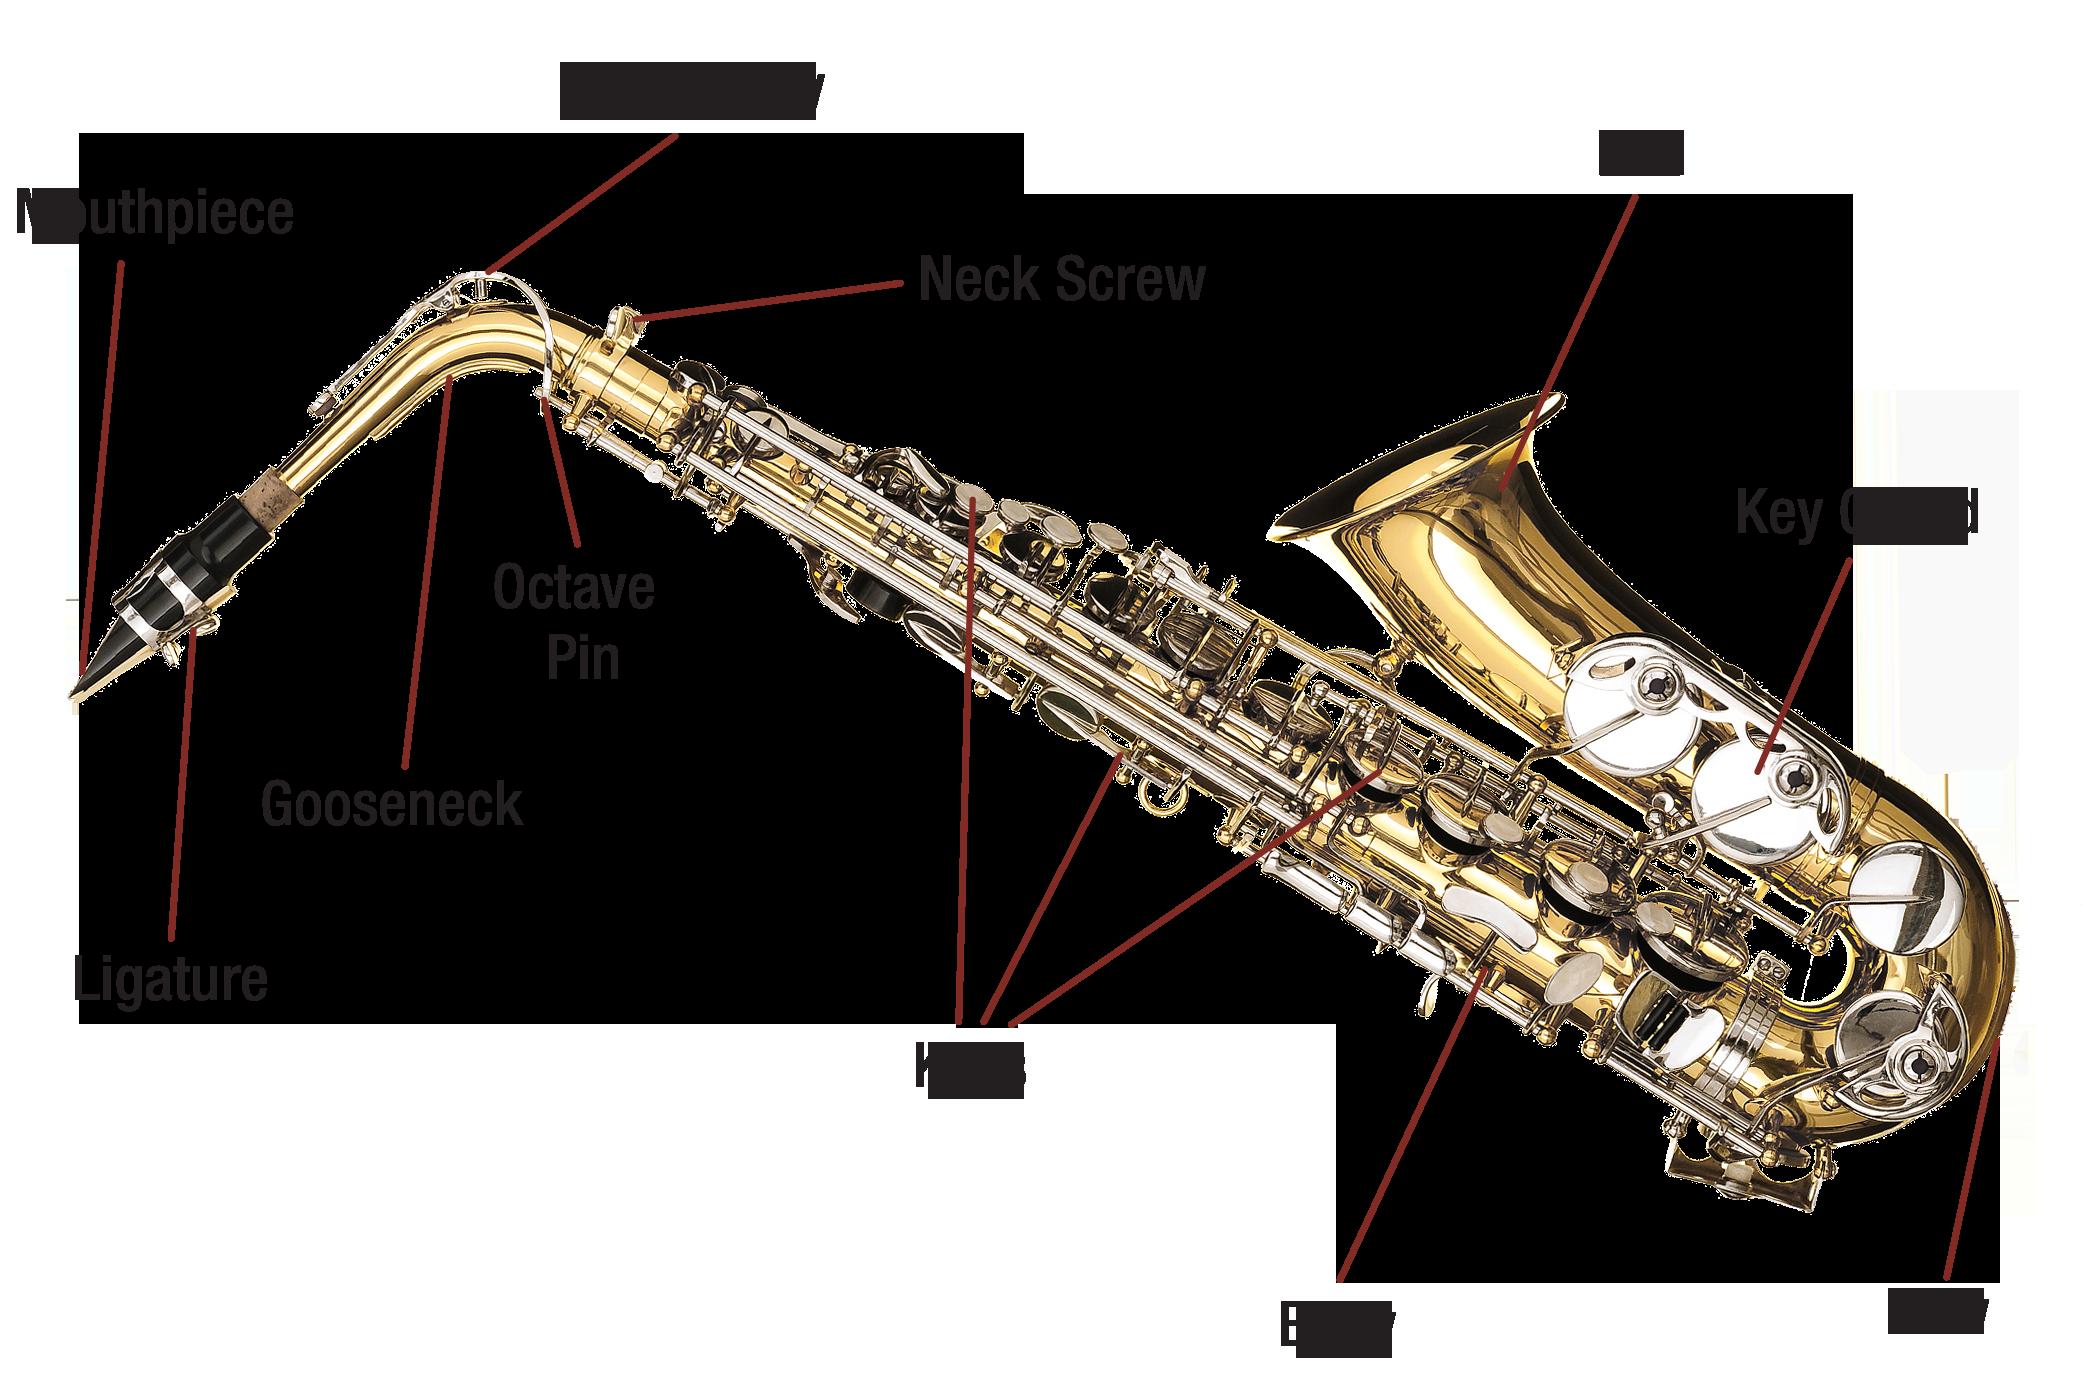 saxophone-diagram-image.png